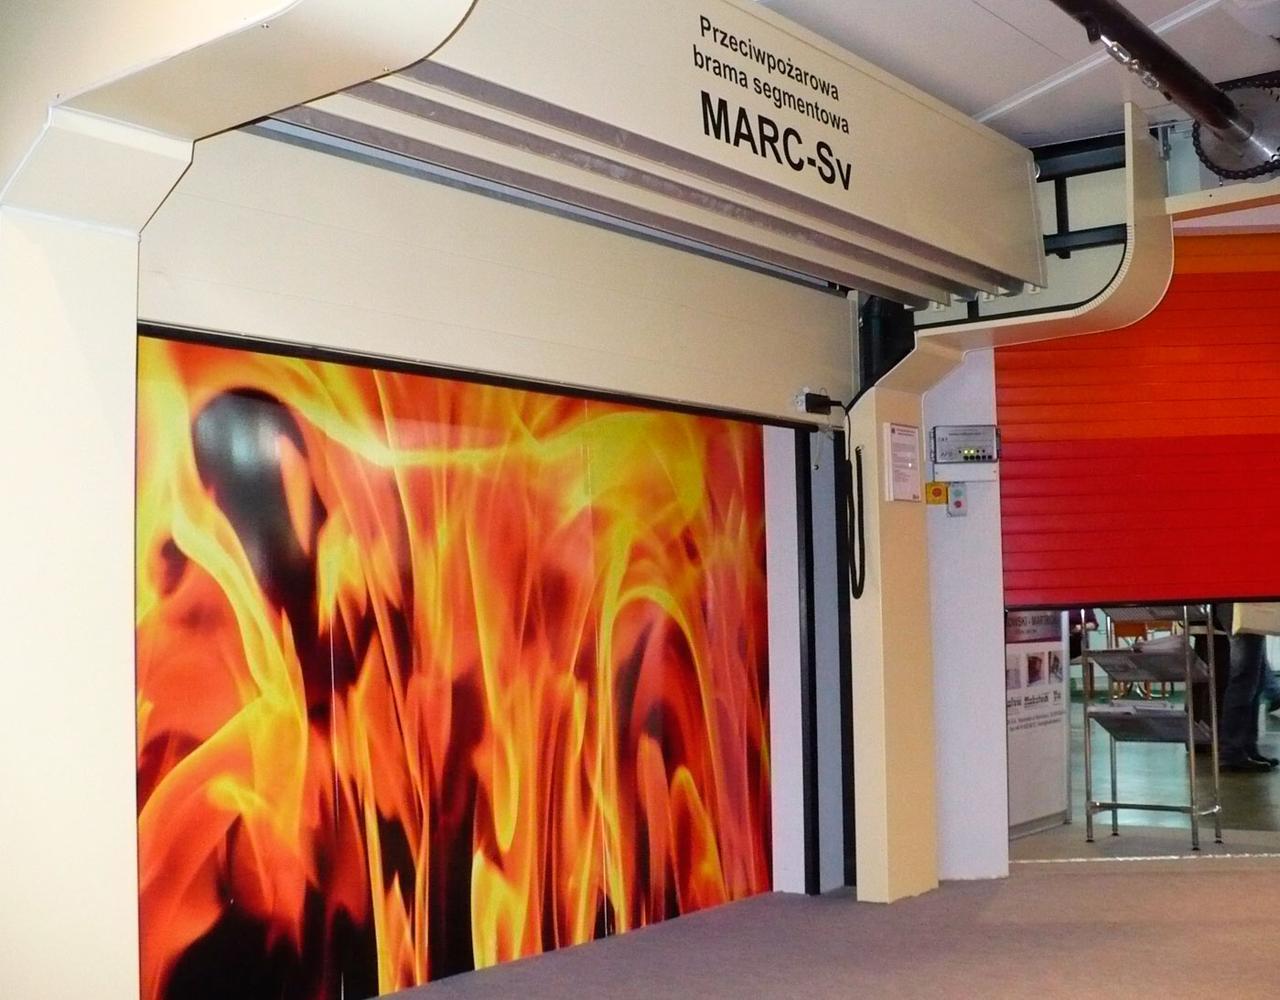 Секционные противопожарные ворота Alutech Fire MARC-Sv